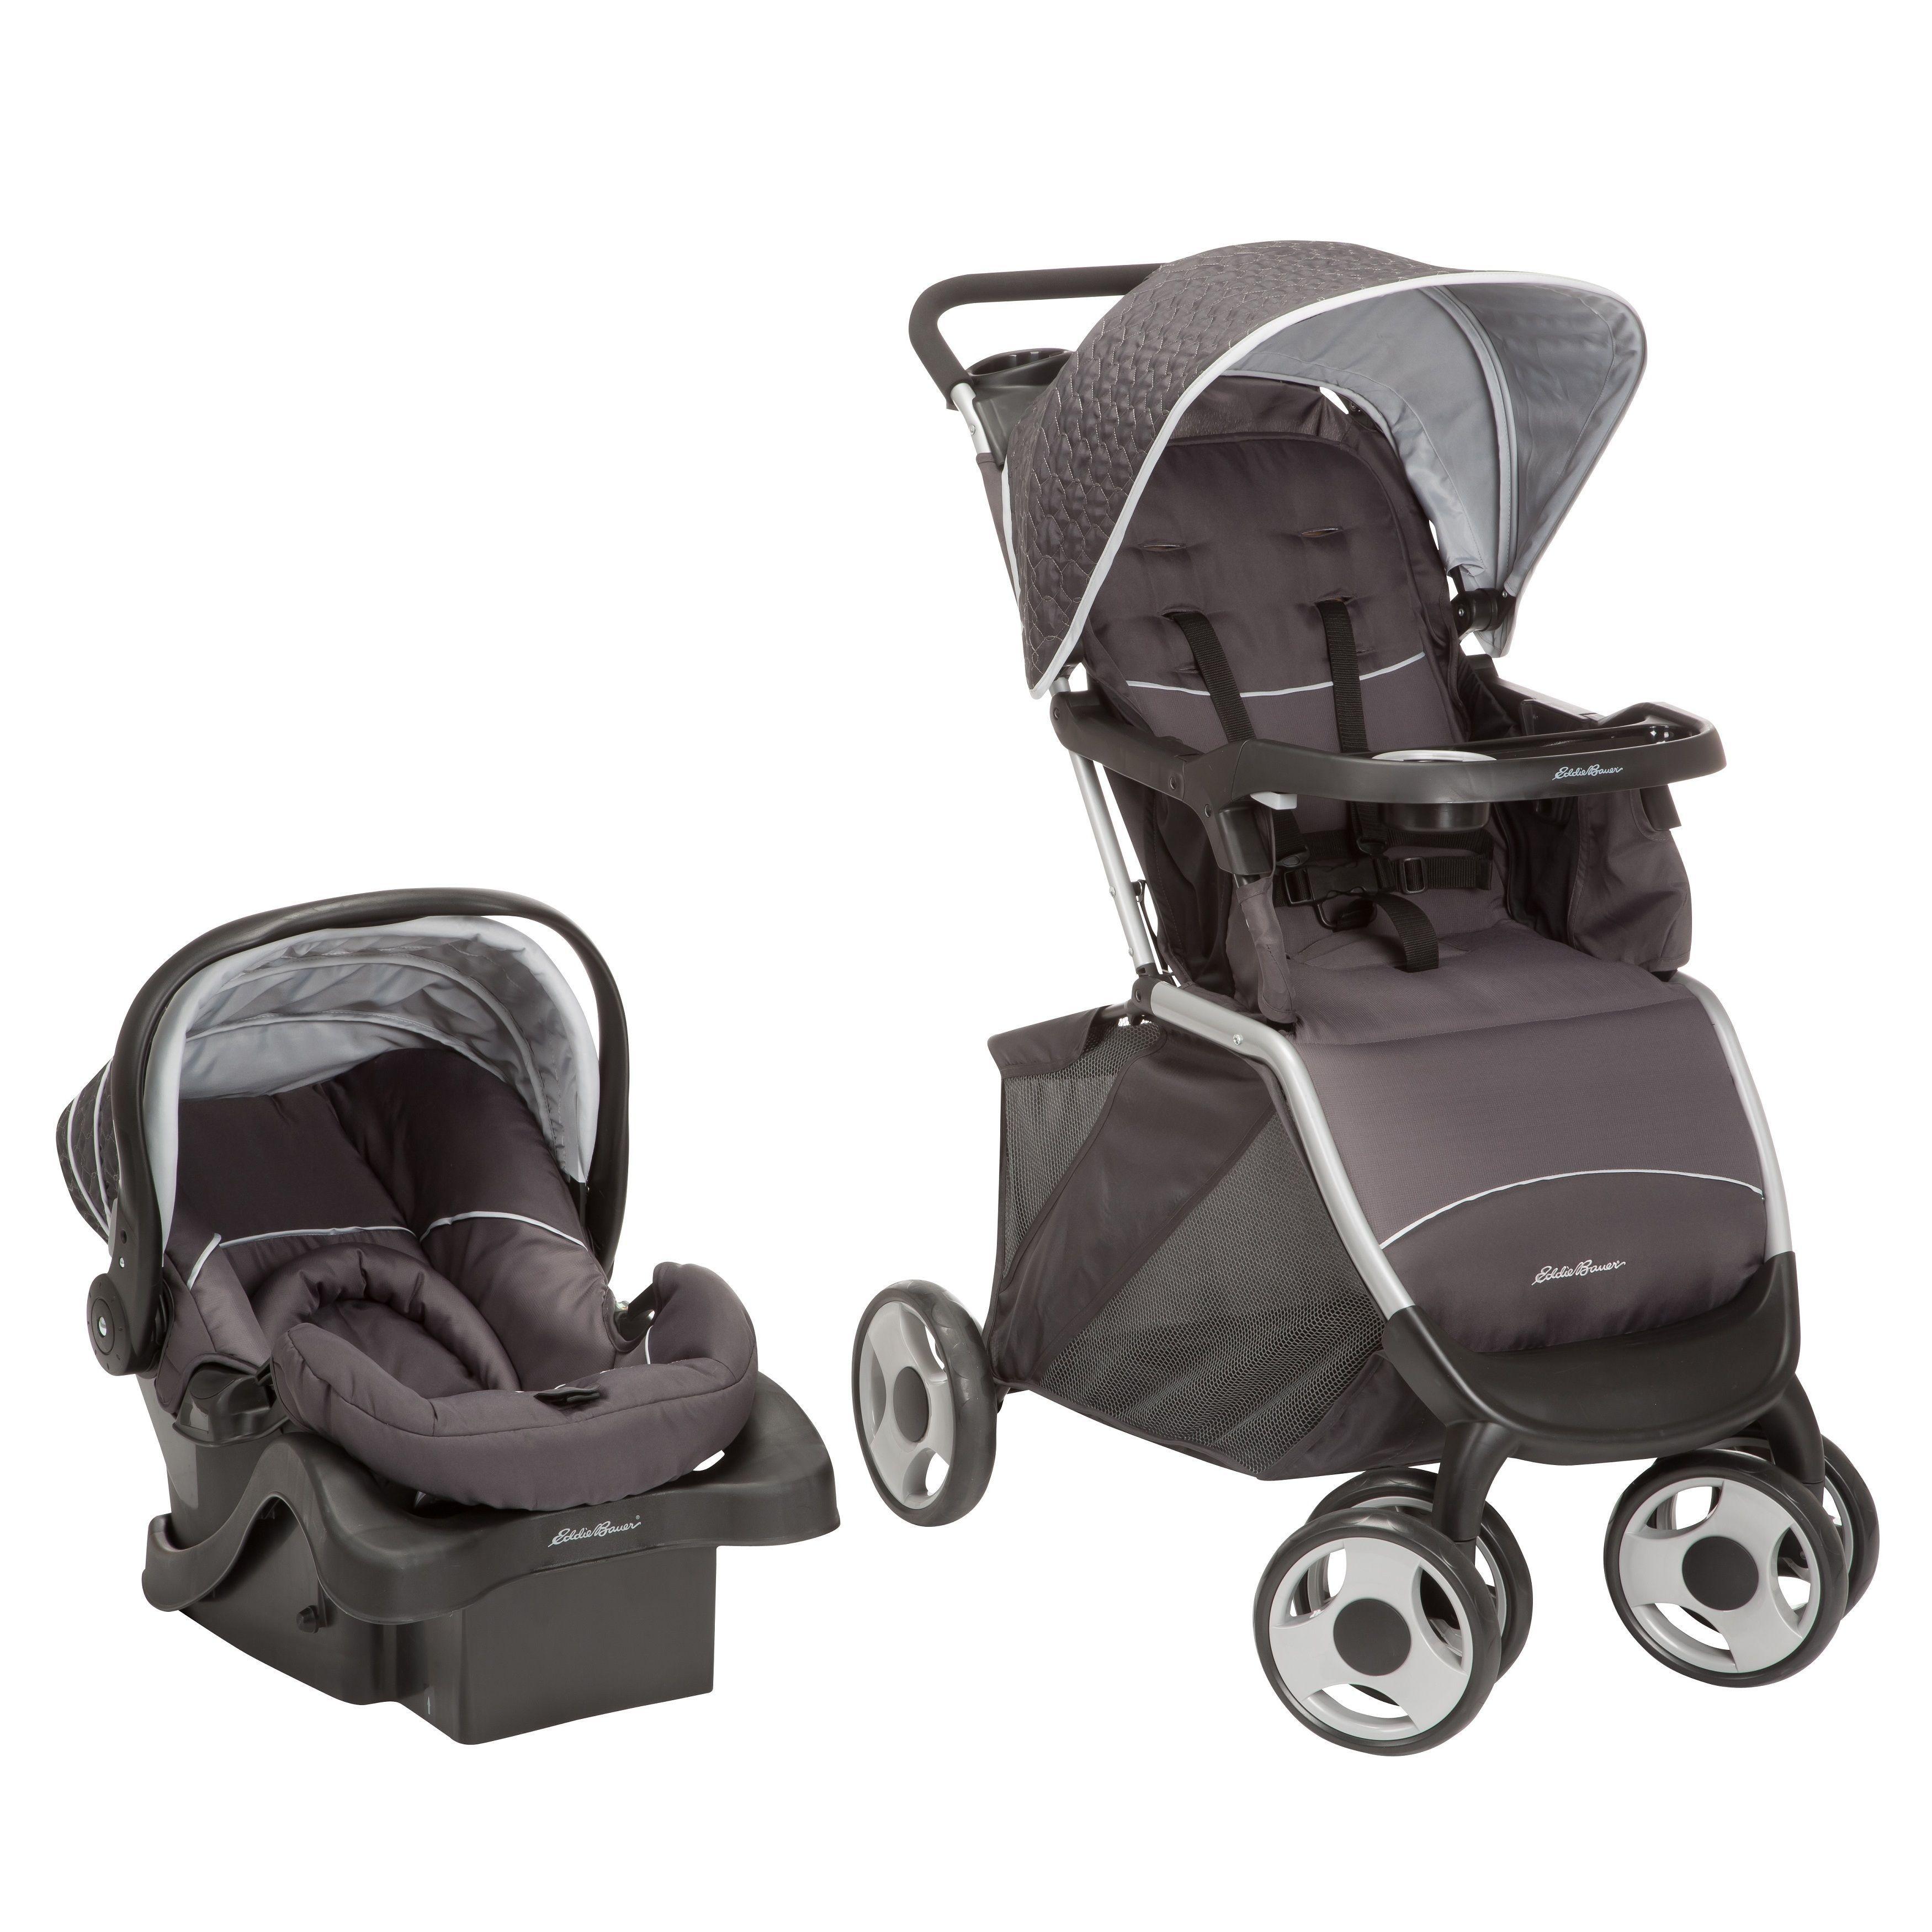 Eddie Bauer QuadTrek Baby Travel System